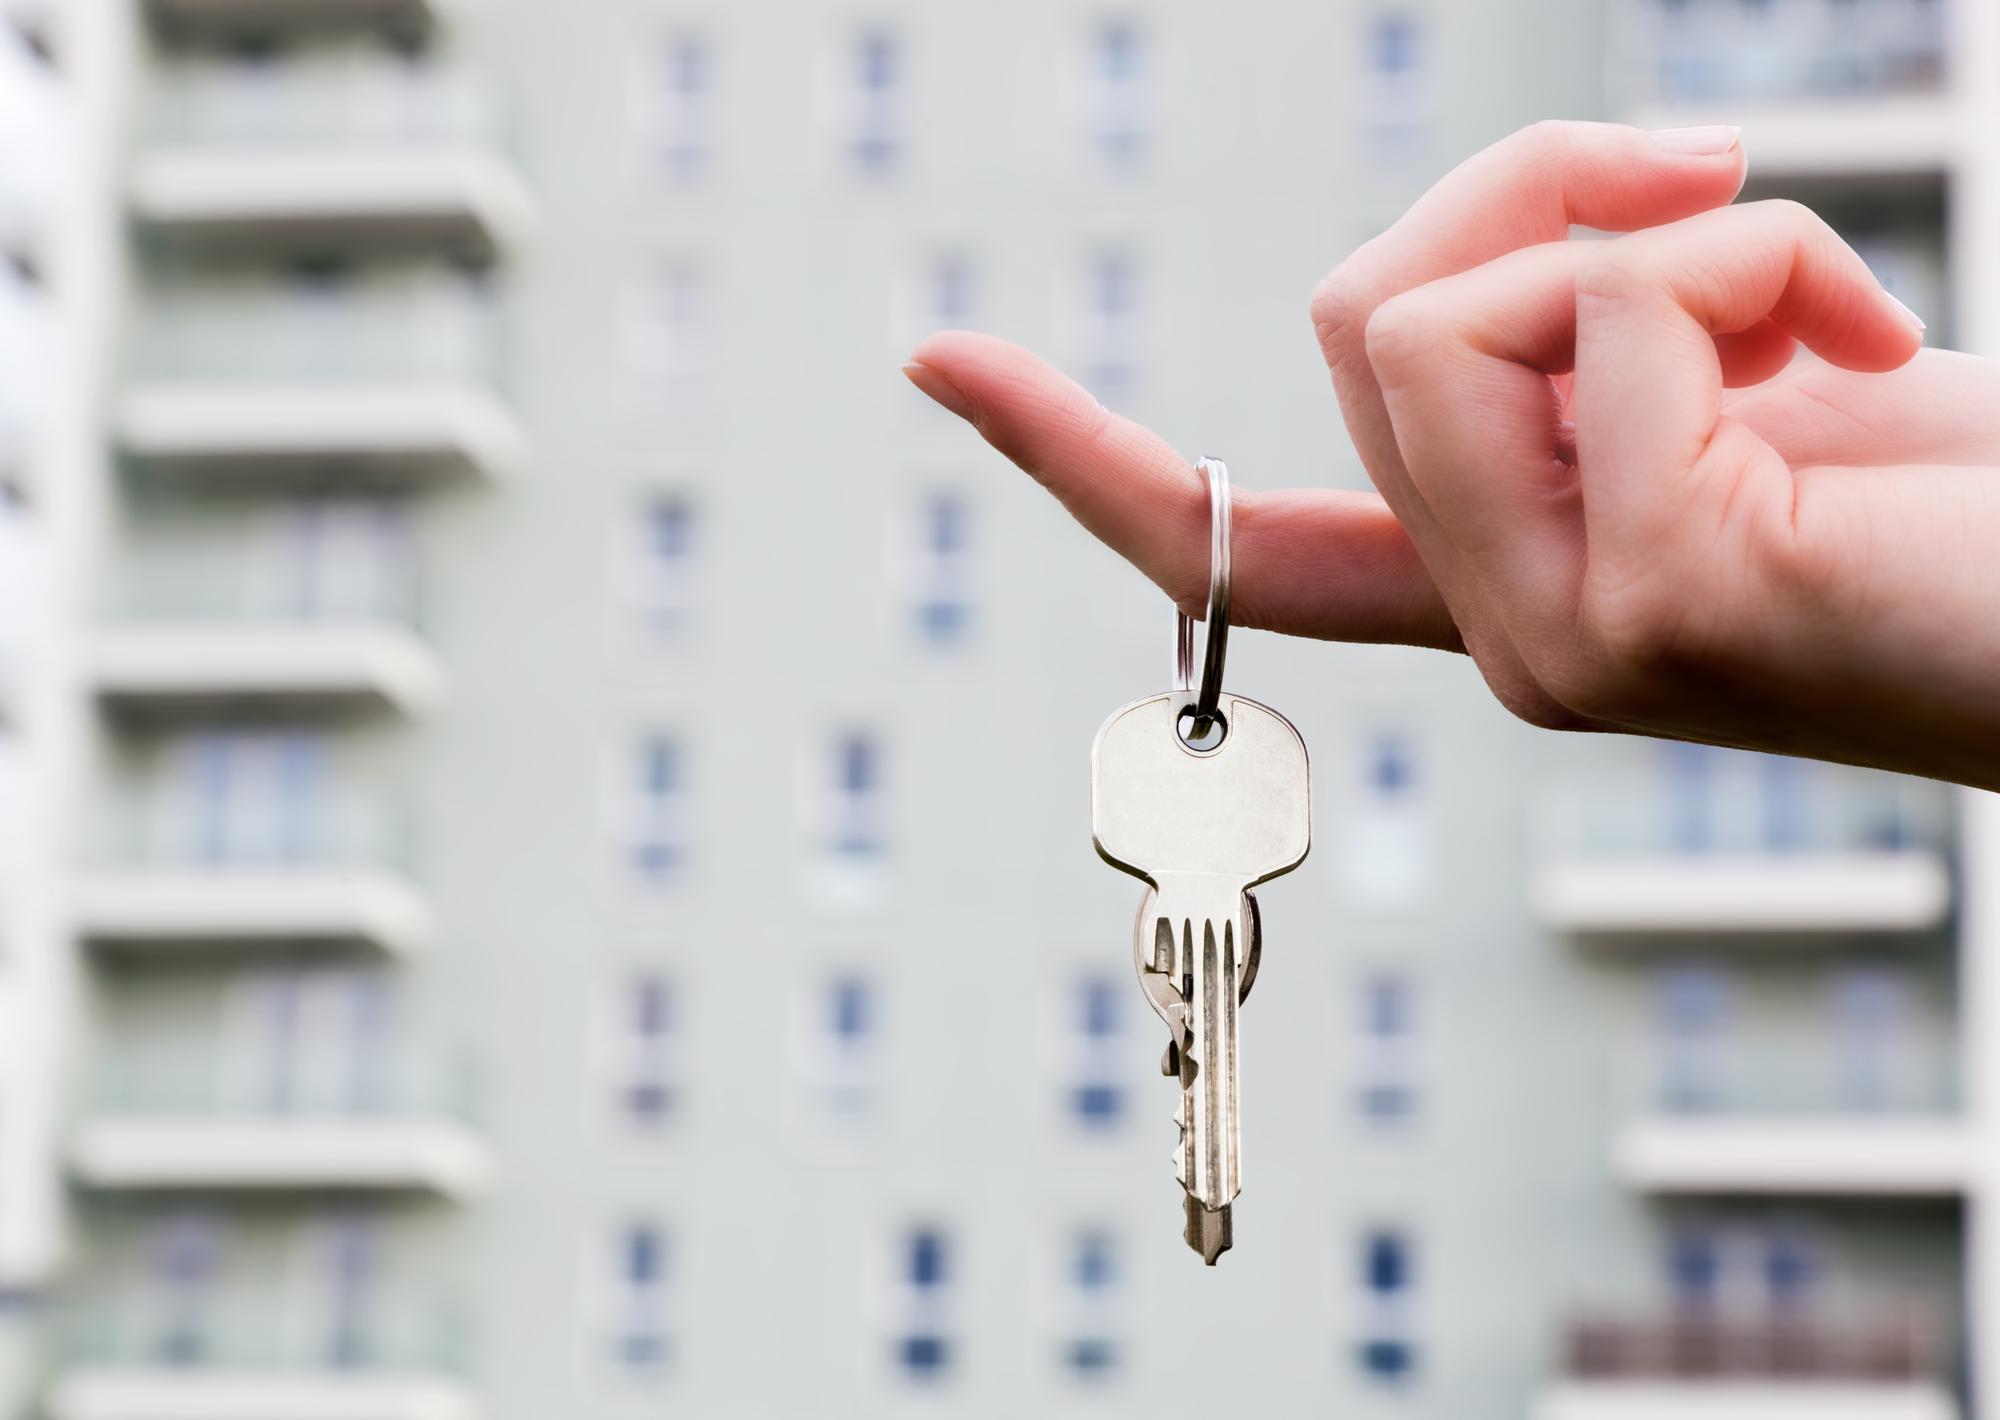 Segini Harga Jual Apartemen di Negara-Negara ASEAN, Ada yang Rp 7 Miliar